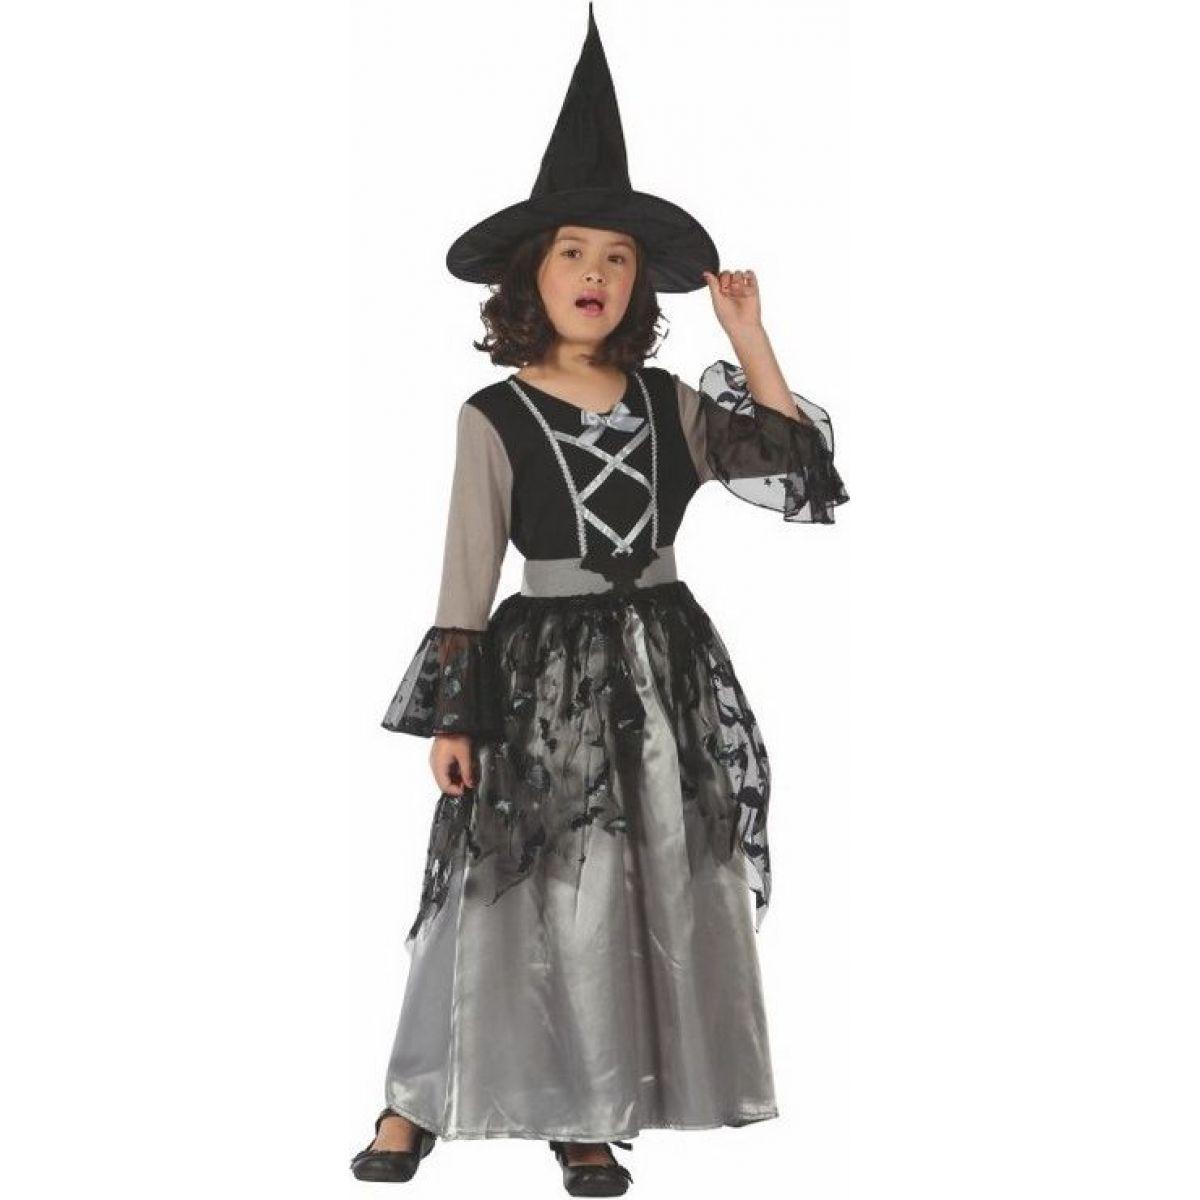 Made Dětský kostým na karneval Čarodějka 120-130 cm MaDe